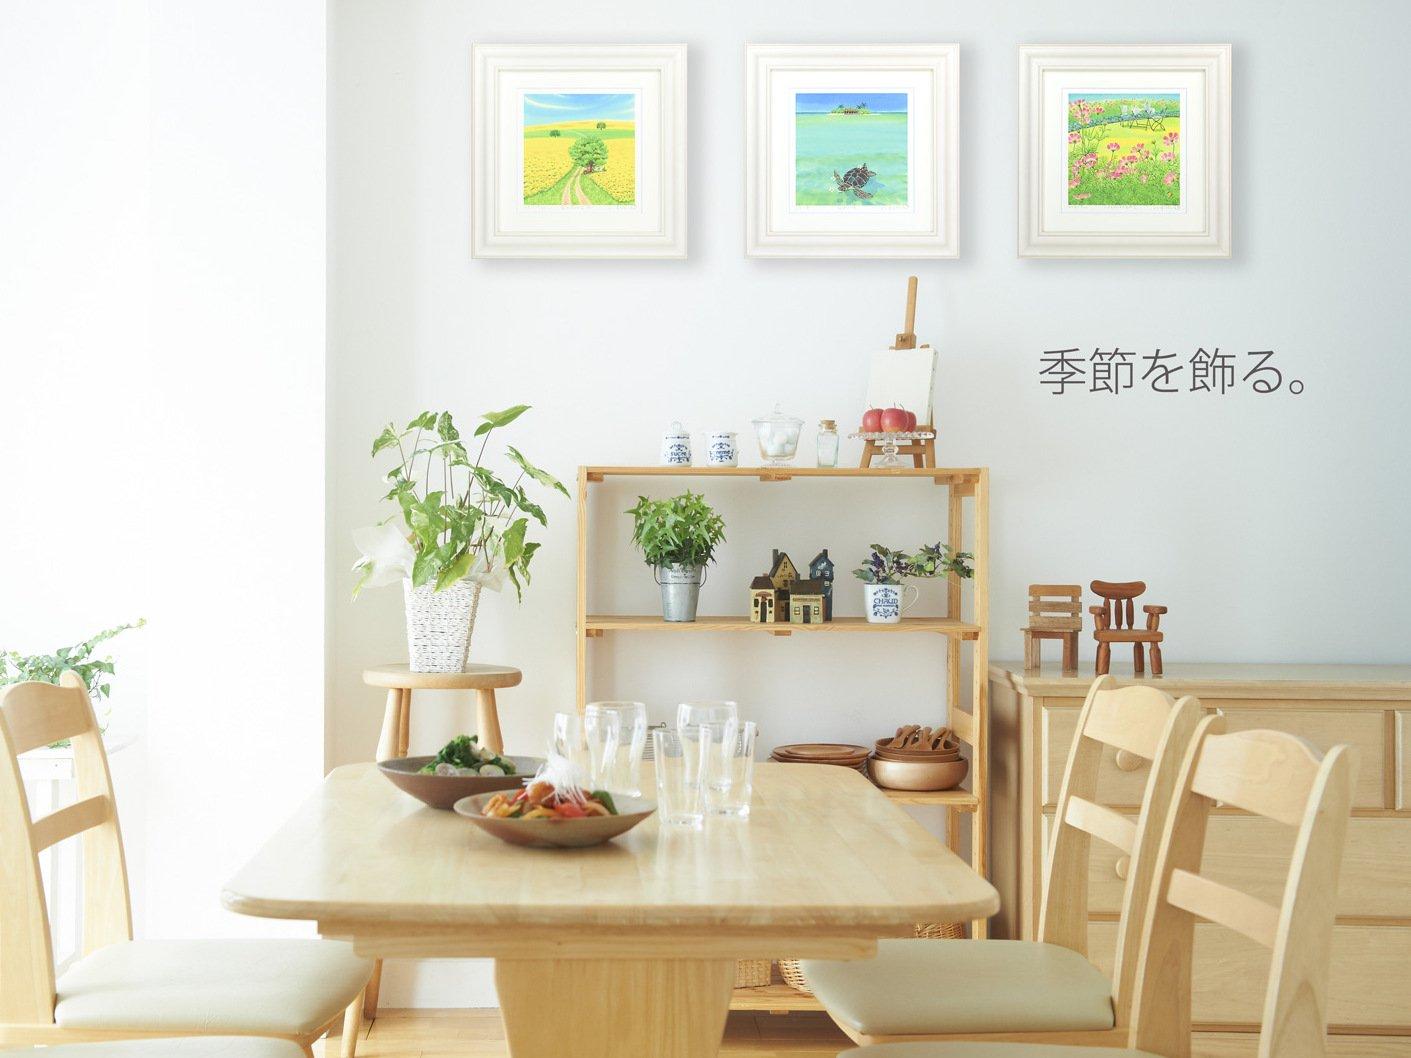 《絵画》【ゆうパケット】ミニゲル アートフレーム スタジオ ロフィーノ「ダスク フラワー1」